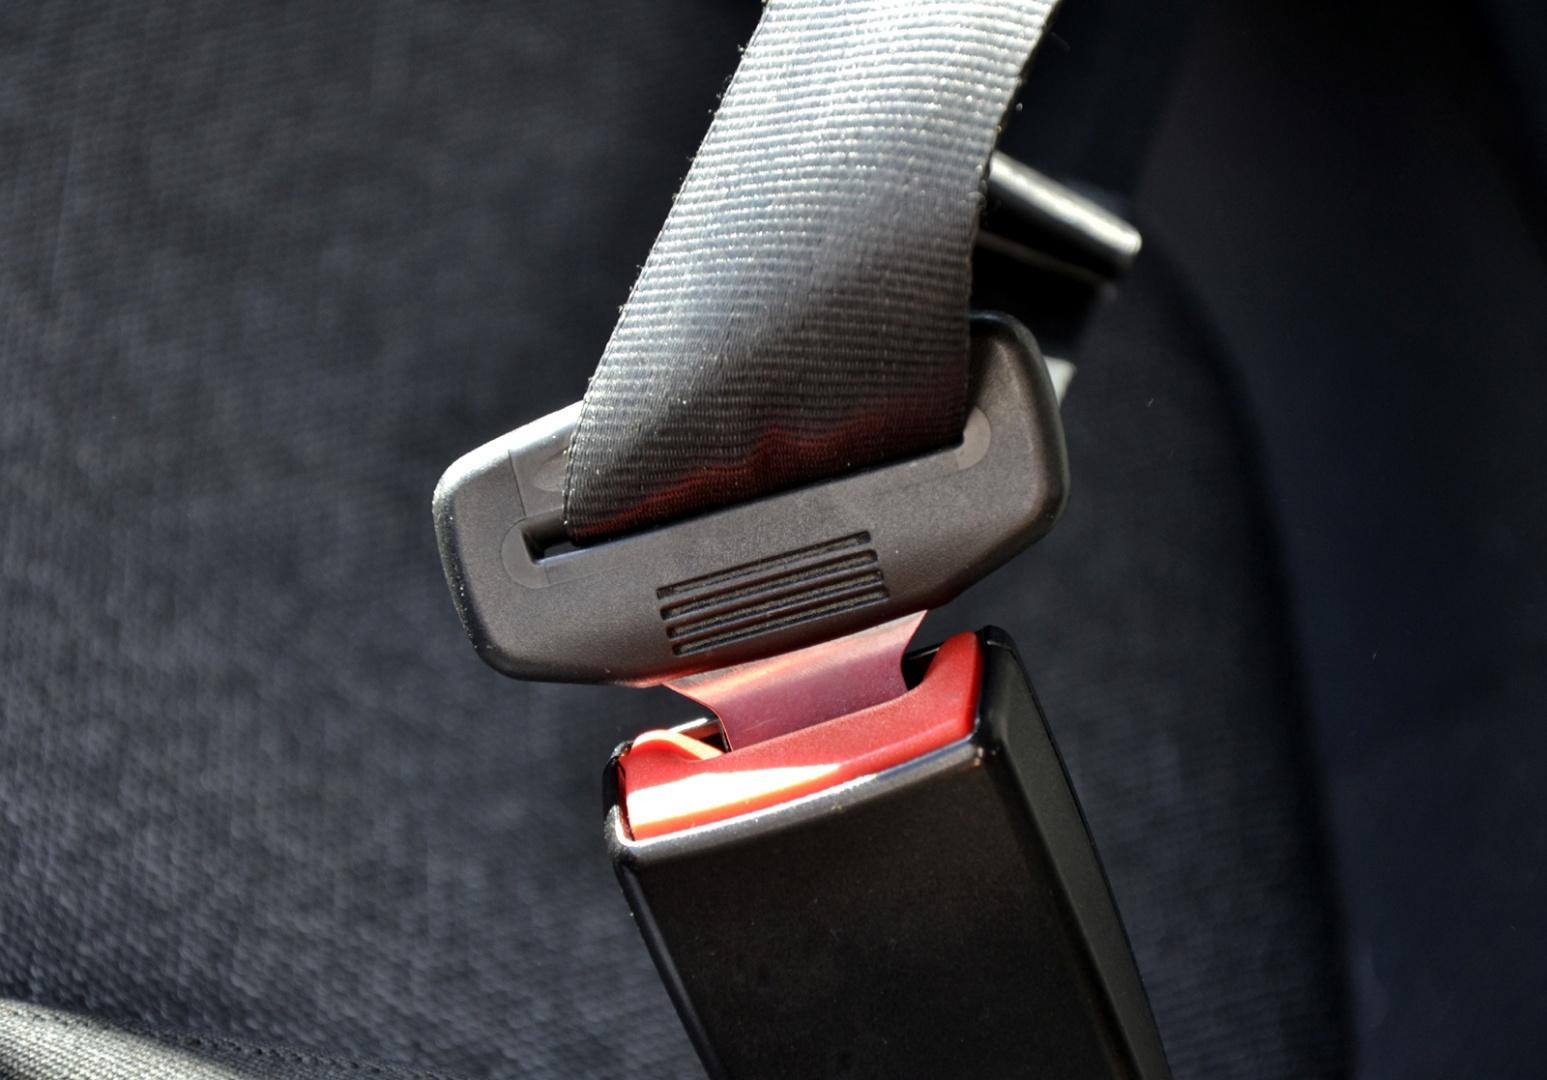 Автомобильные ремни безопасности в Казани использует 80% водителей